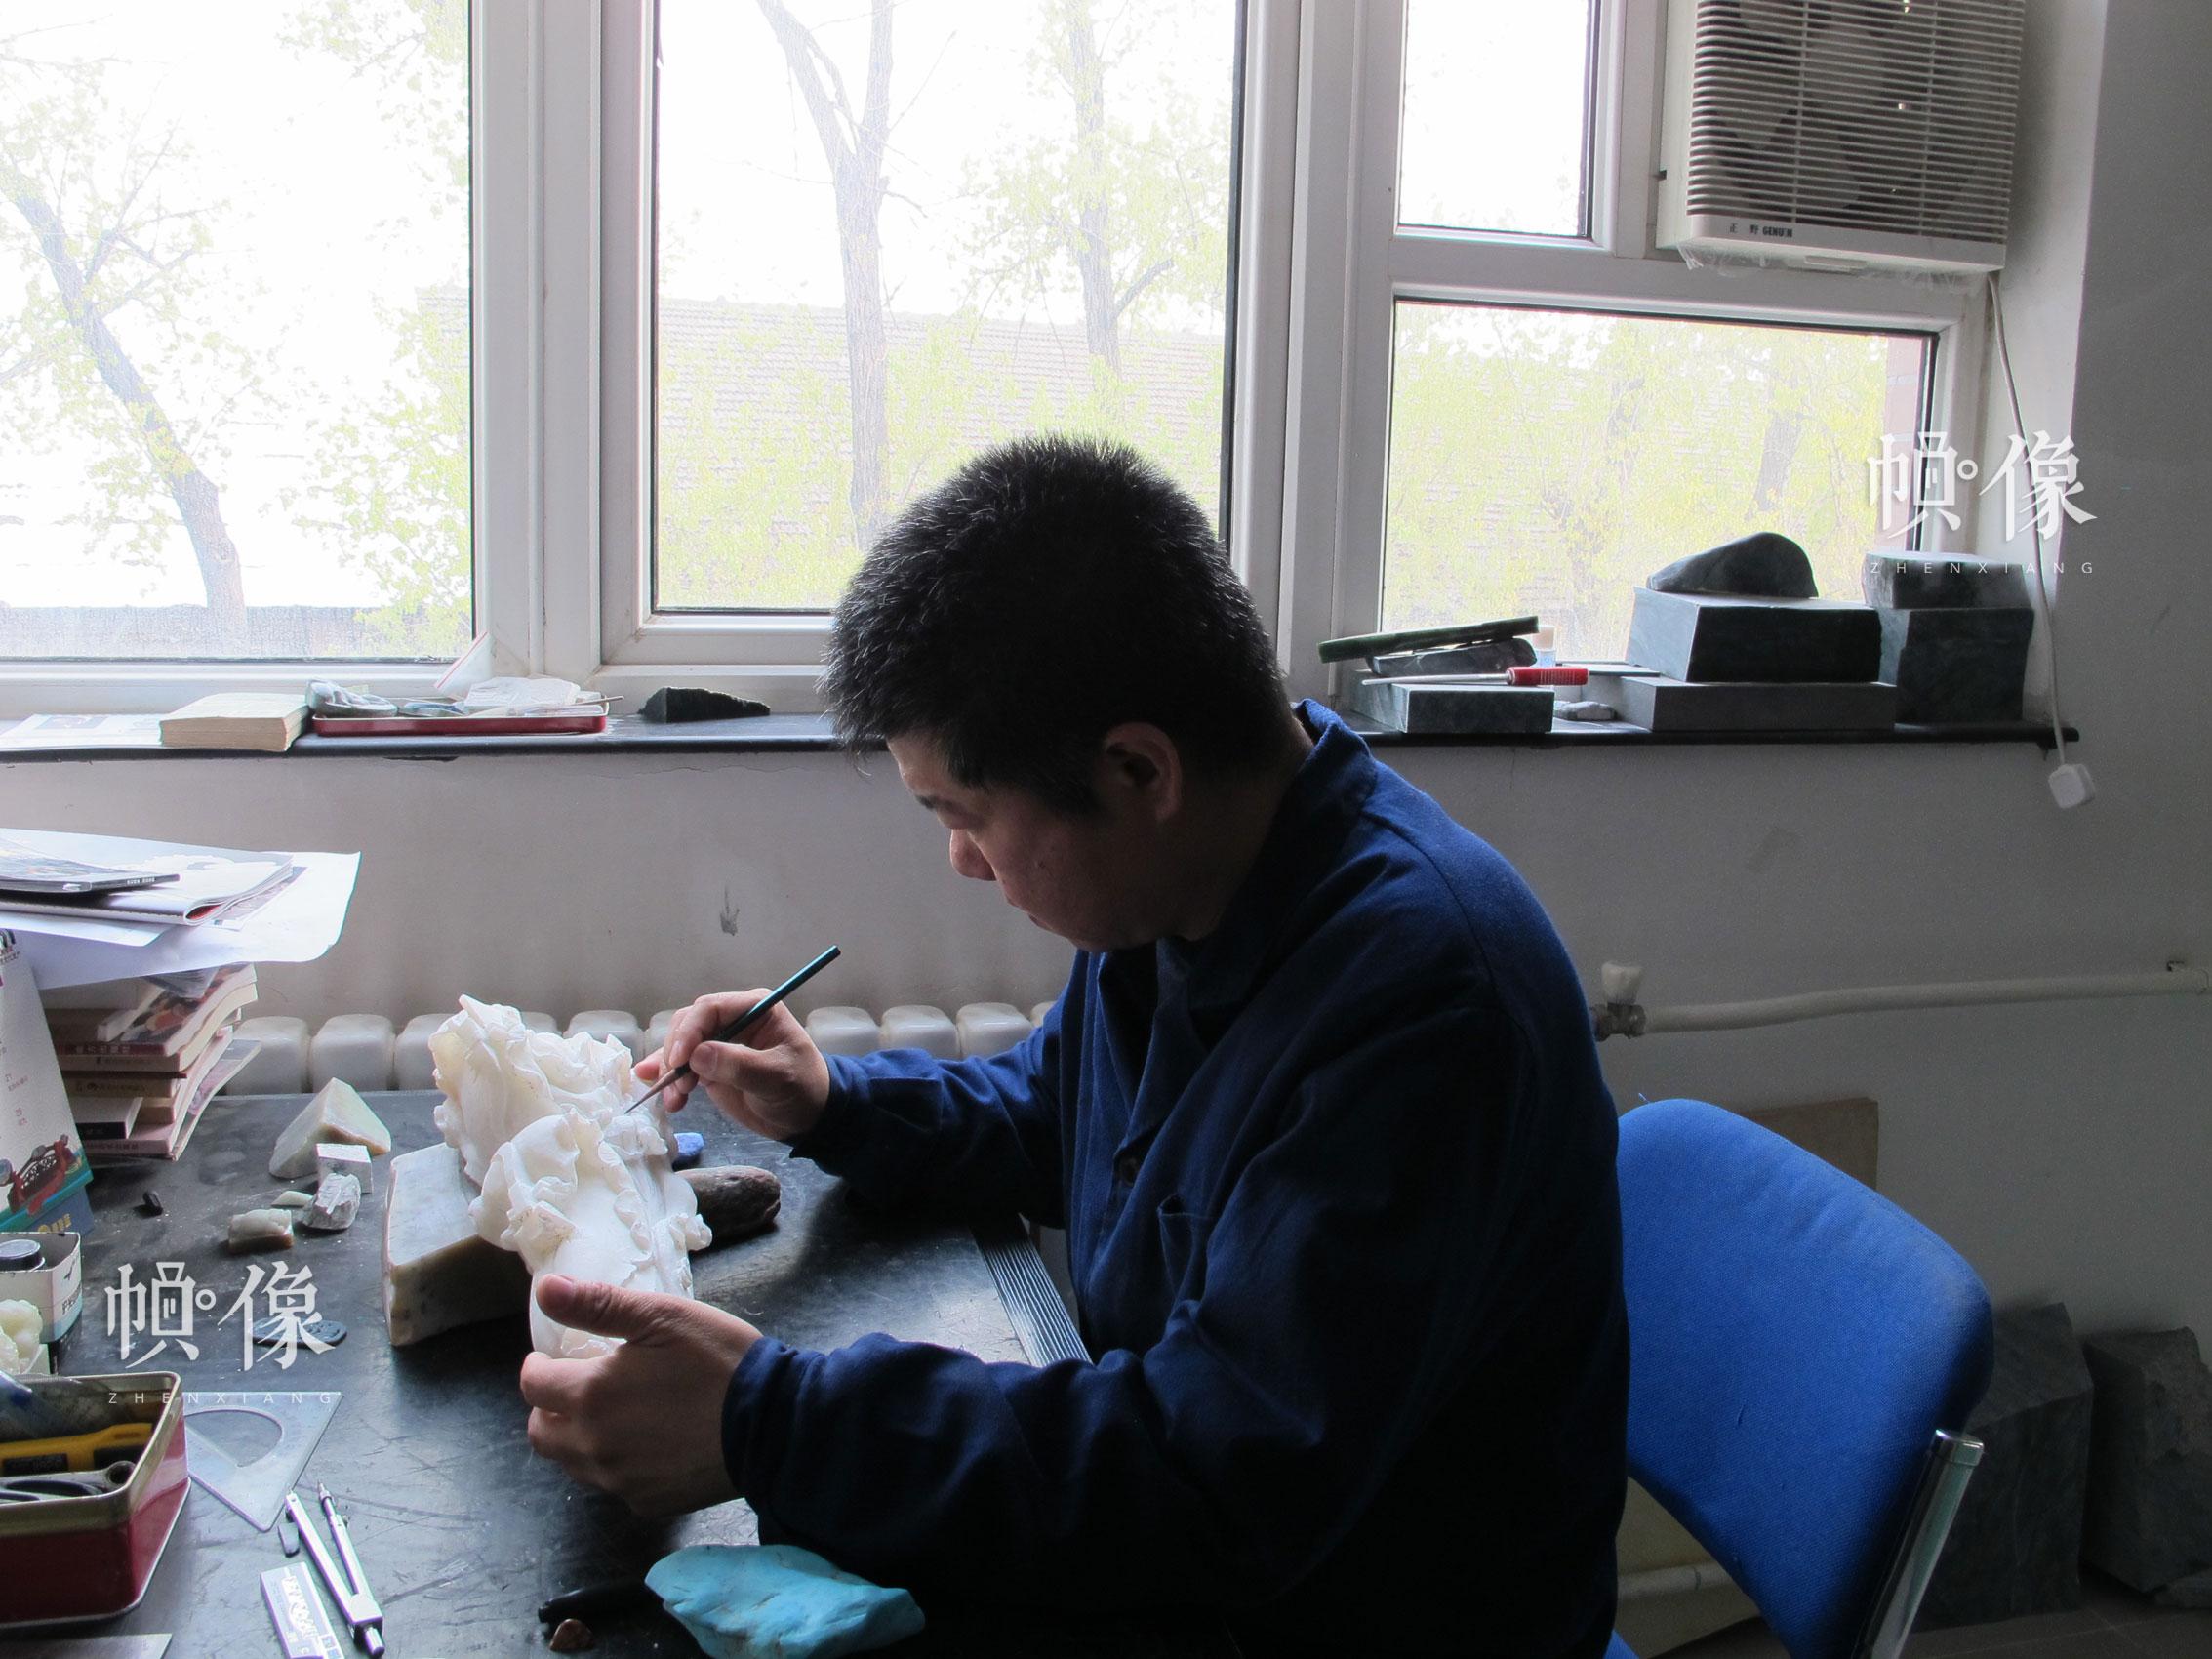 """张铁成大师正在雕刻""""白菜""""图形玉器。张铁成大师团队供图。"""